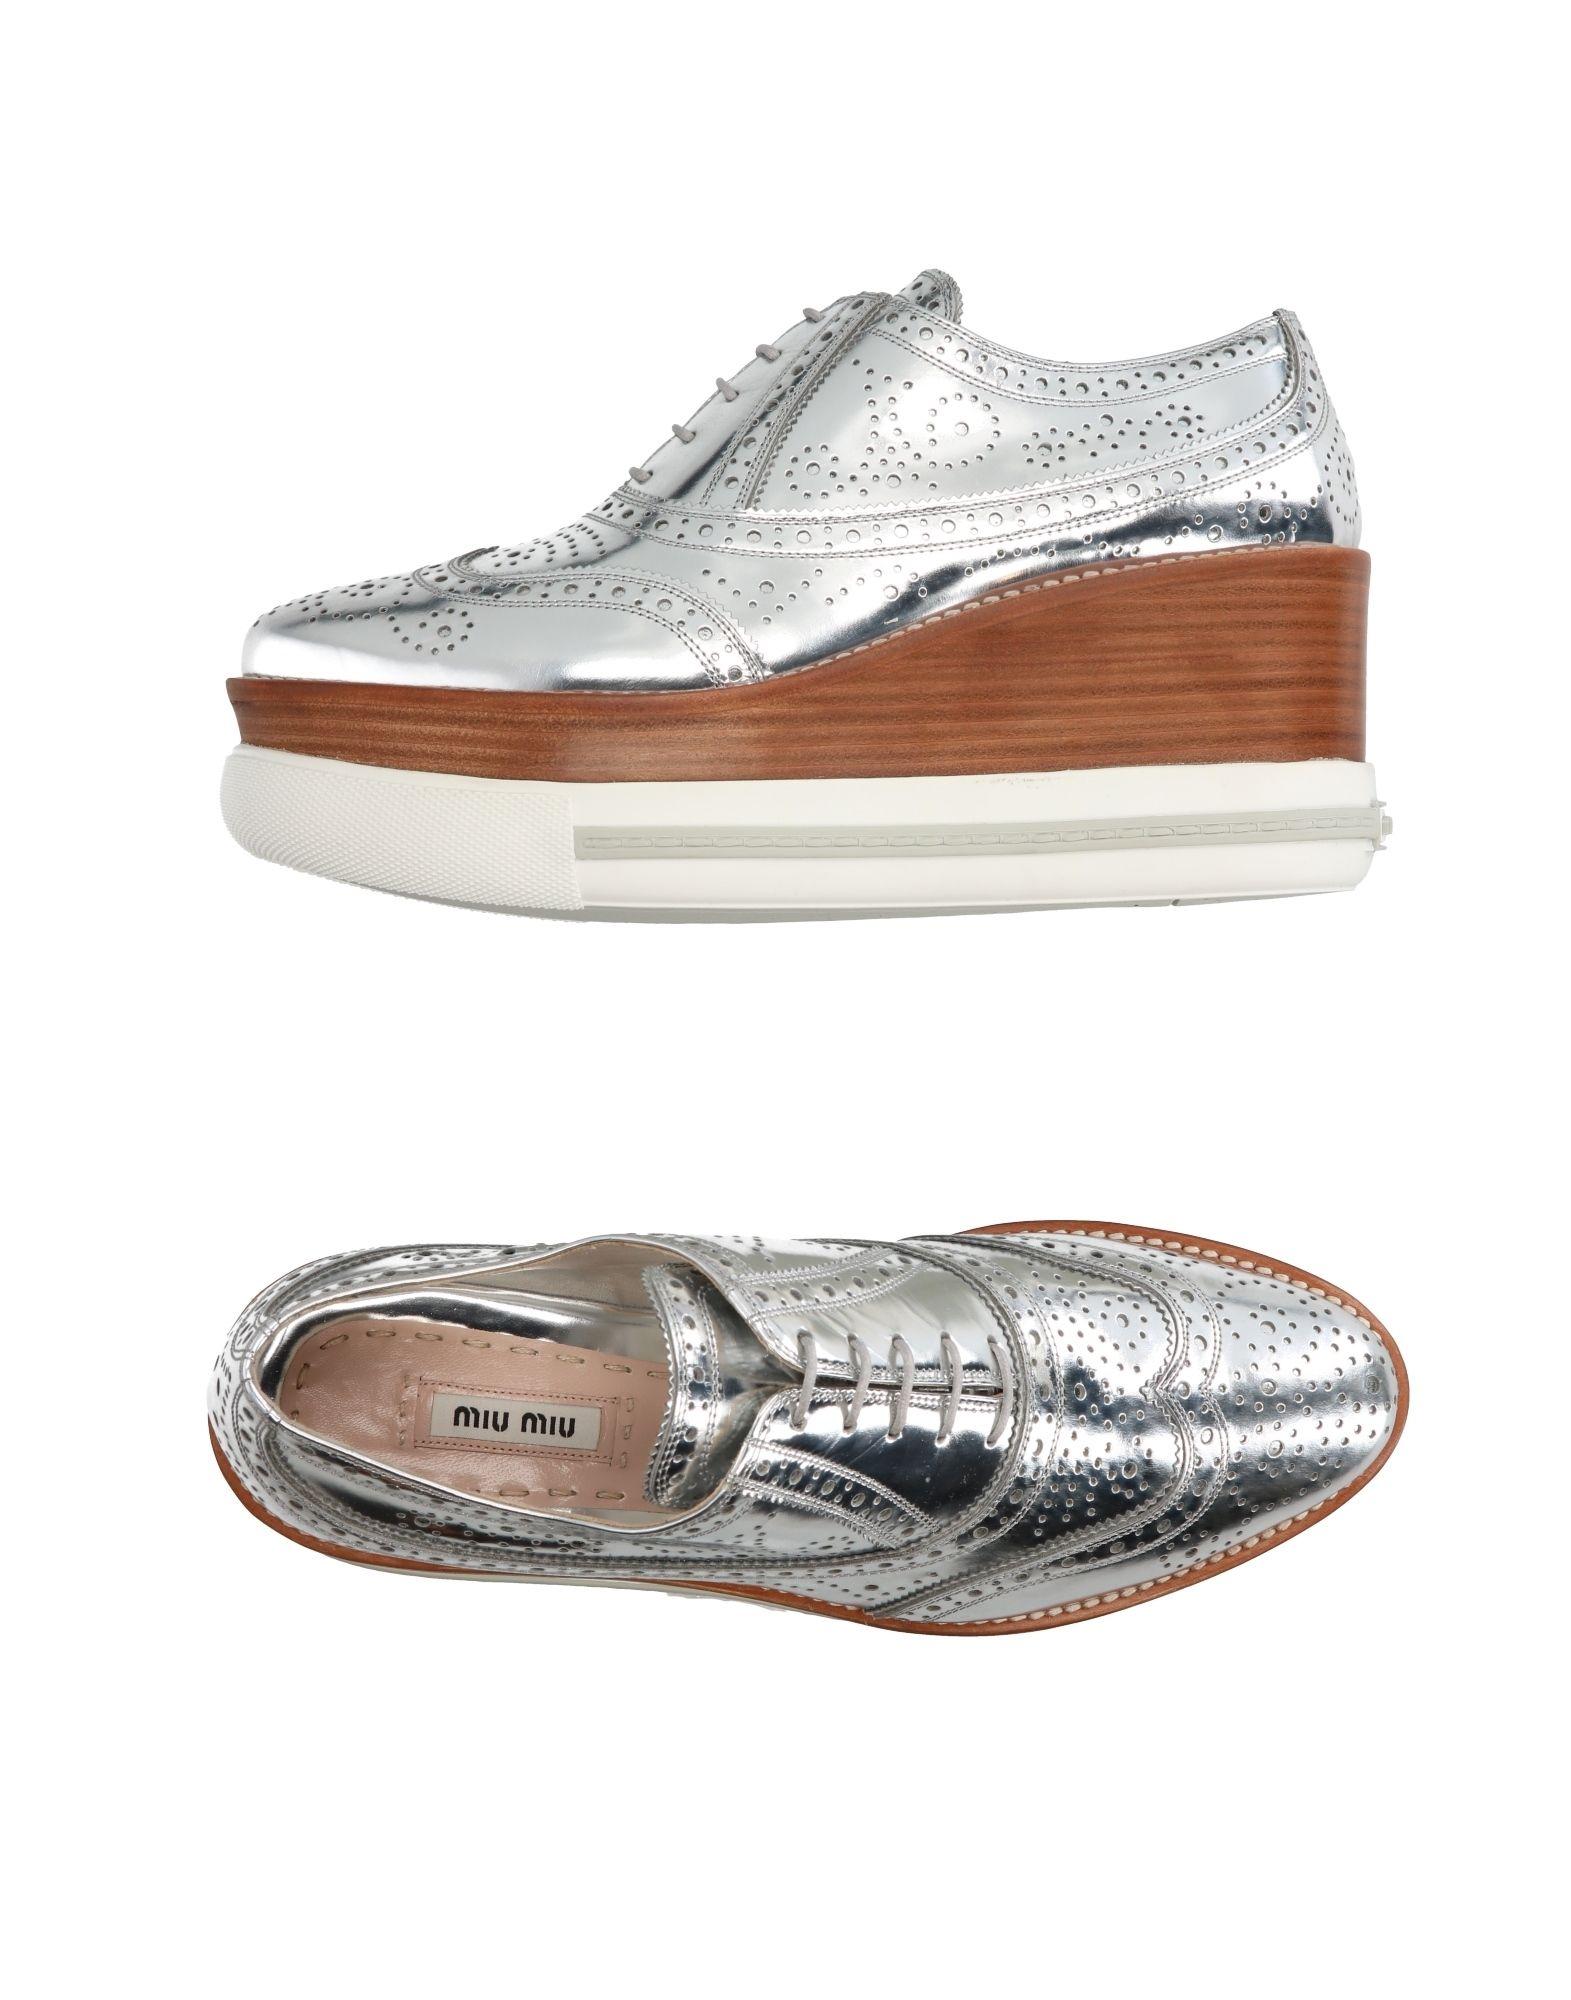 Miu Miu Schnürschuhe Damen  Schuhe 11270099ECGünstige gut aussehende Schuhe  7f69cf